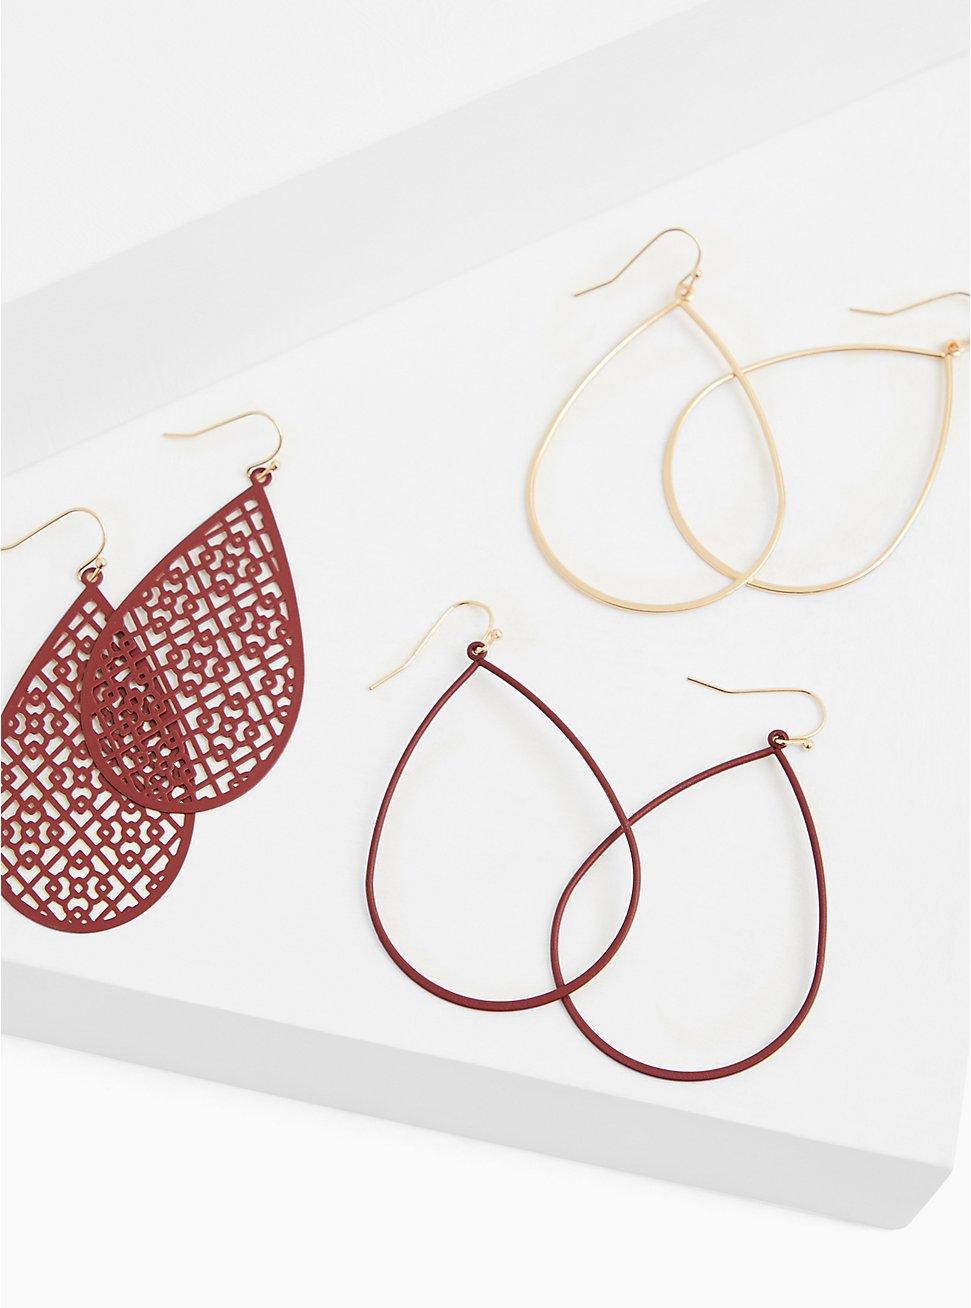 Matte Burgundy Purple Filigree Teardrop Earrings Set - Set of 3, , hi-res